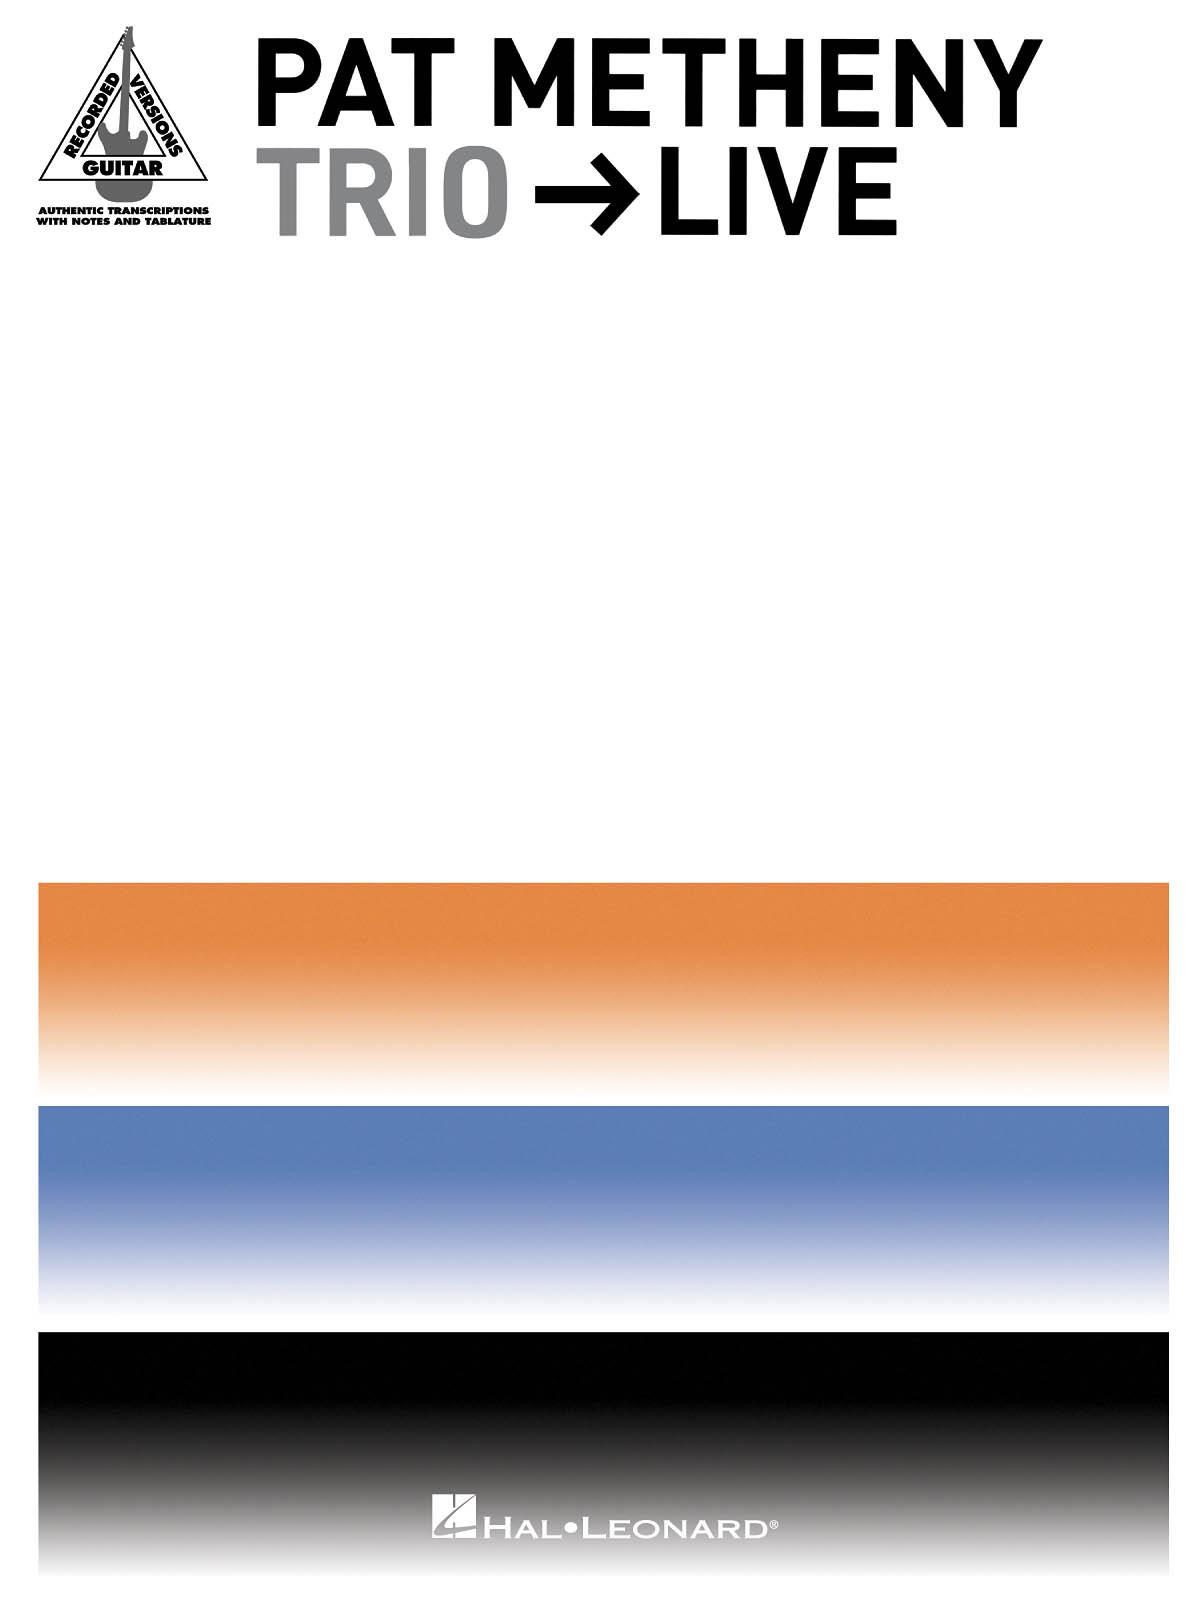 Pat Metheny: Pat Metheny Trio - Live: Guitar Solo: Album Songbook